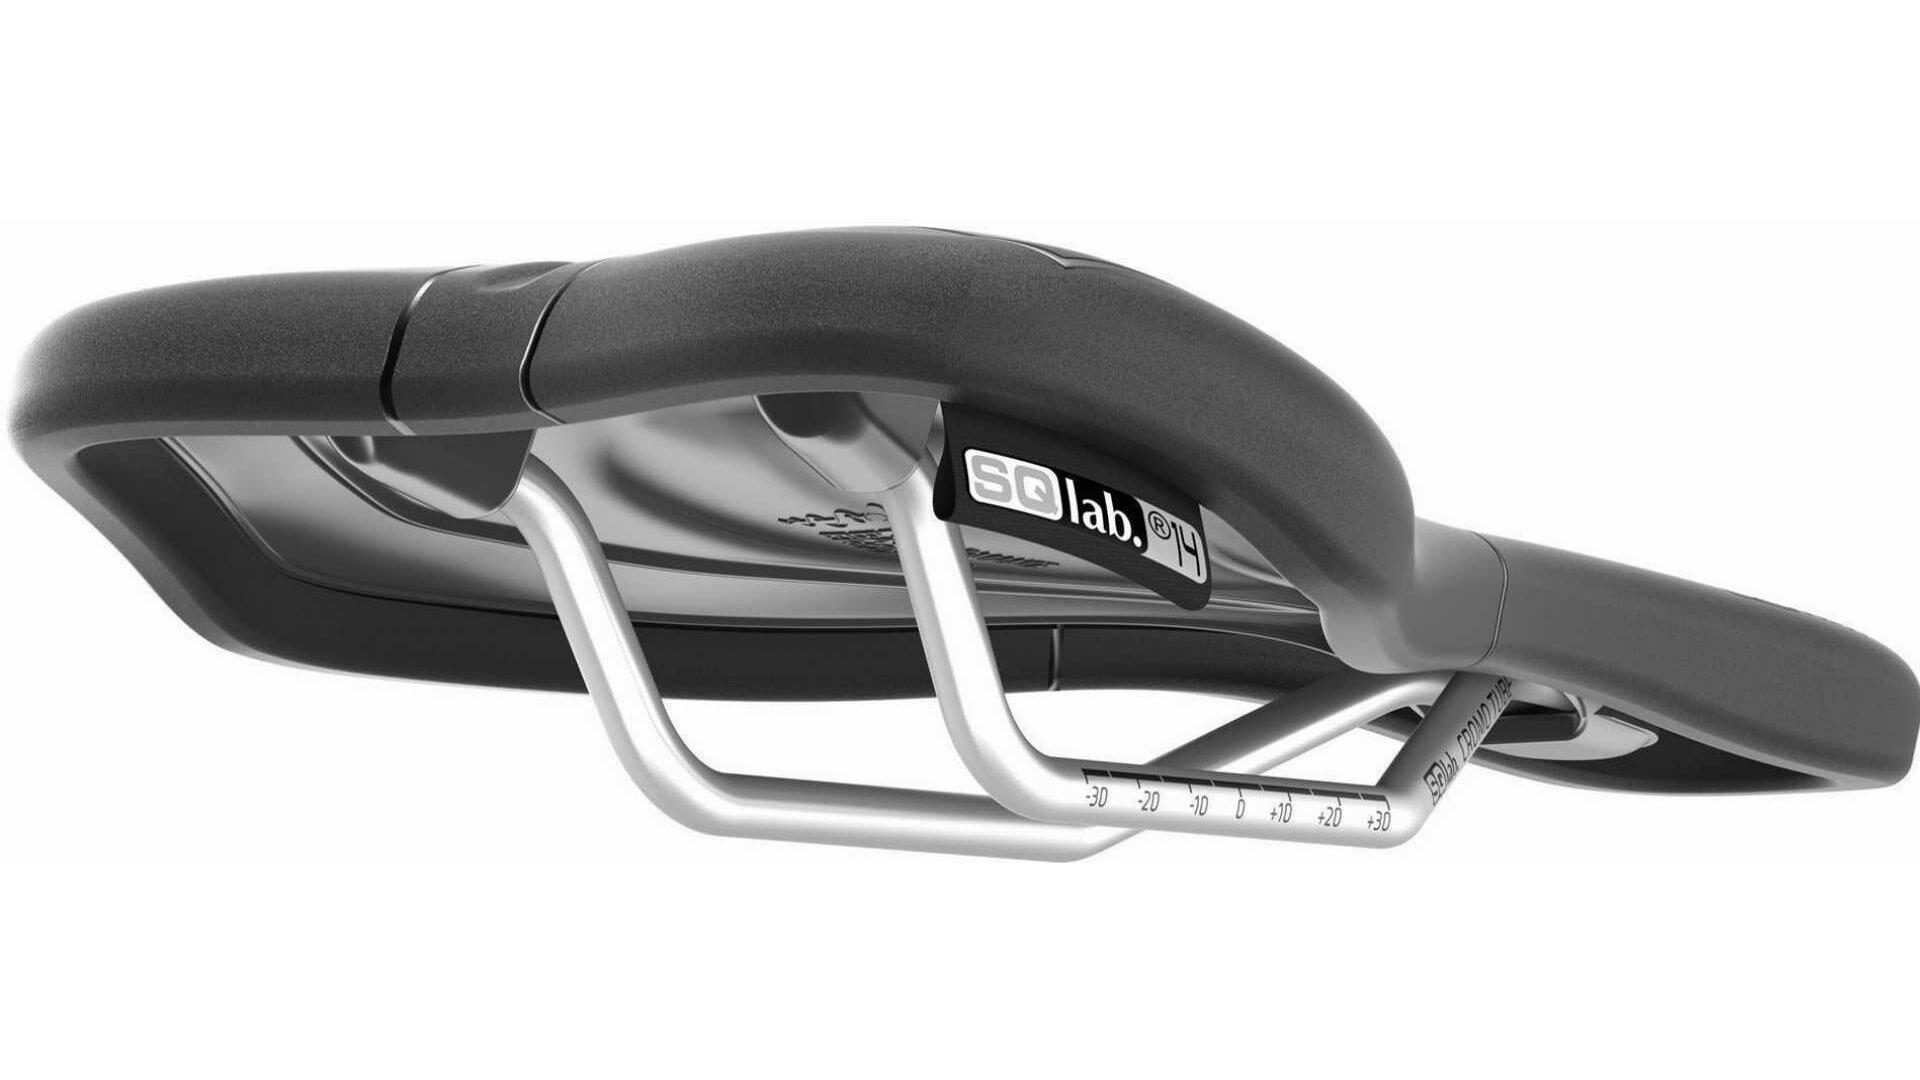 sqlab 611 ergowave crmo mtb sattel g nstig online kaufen. Black Bedroom Furniture Sets. Home Design Ideas